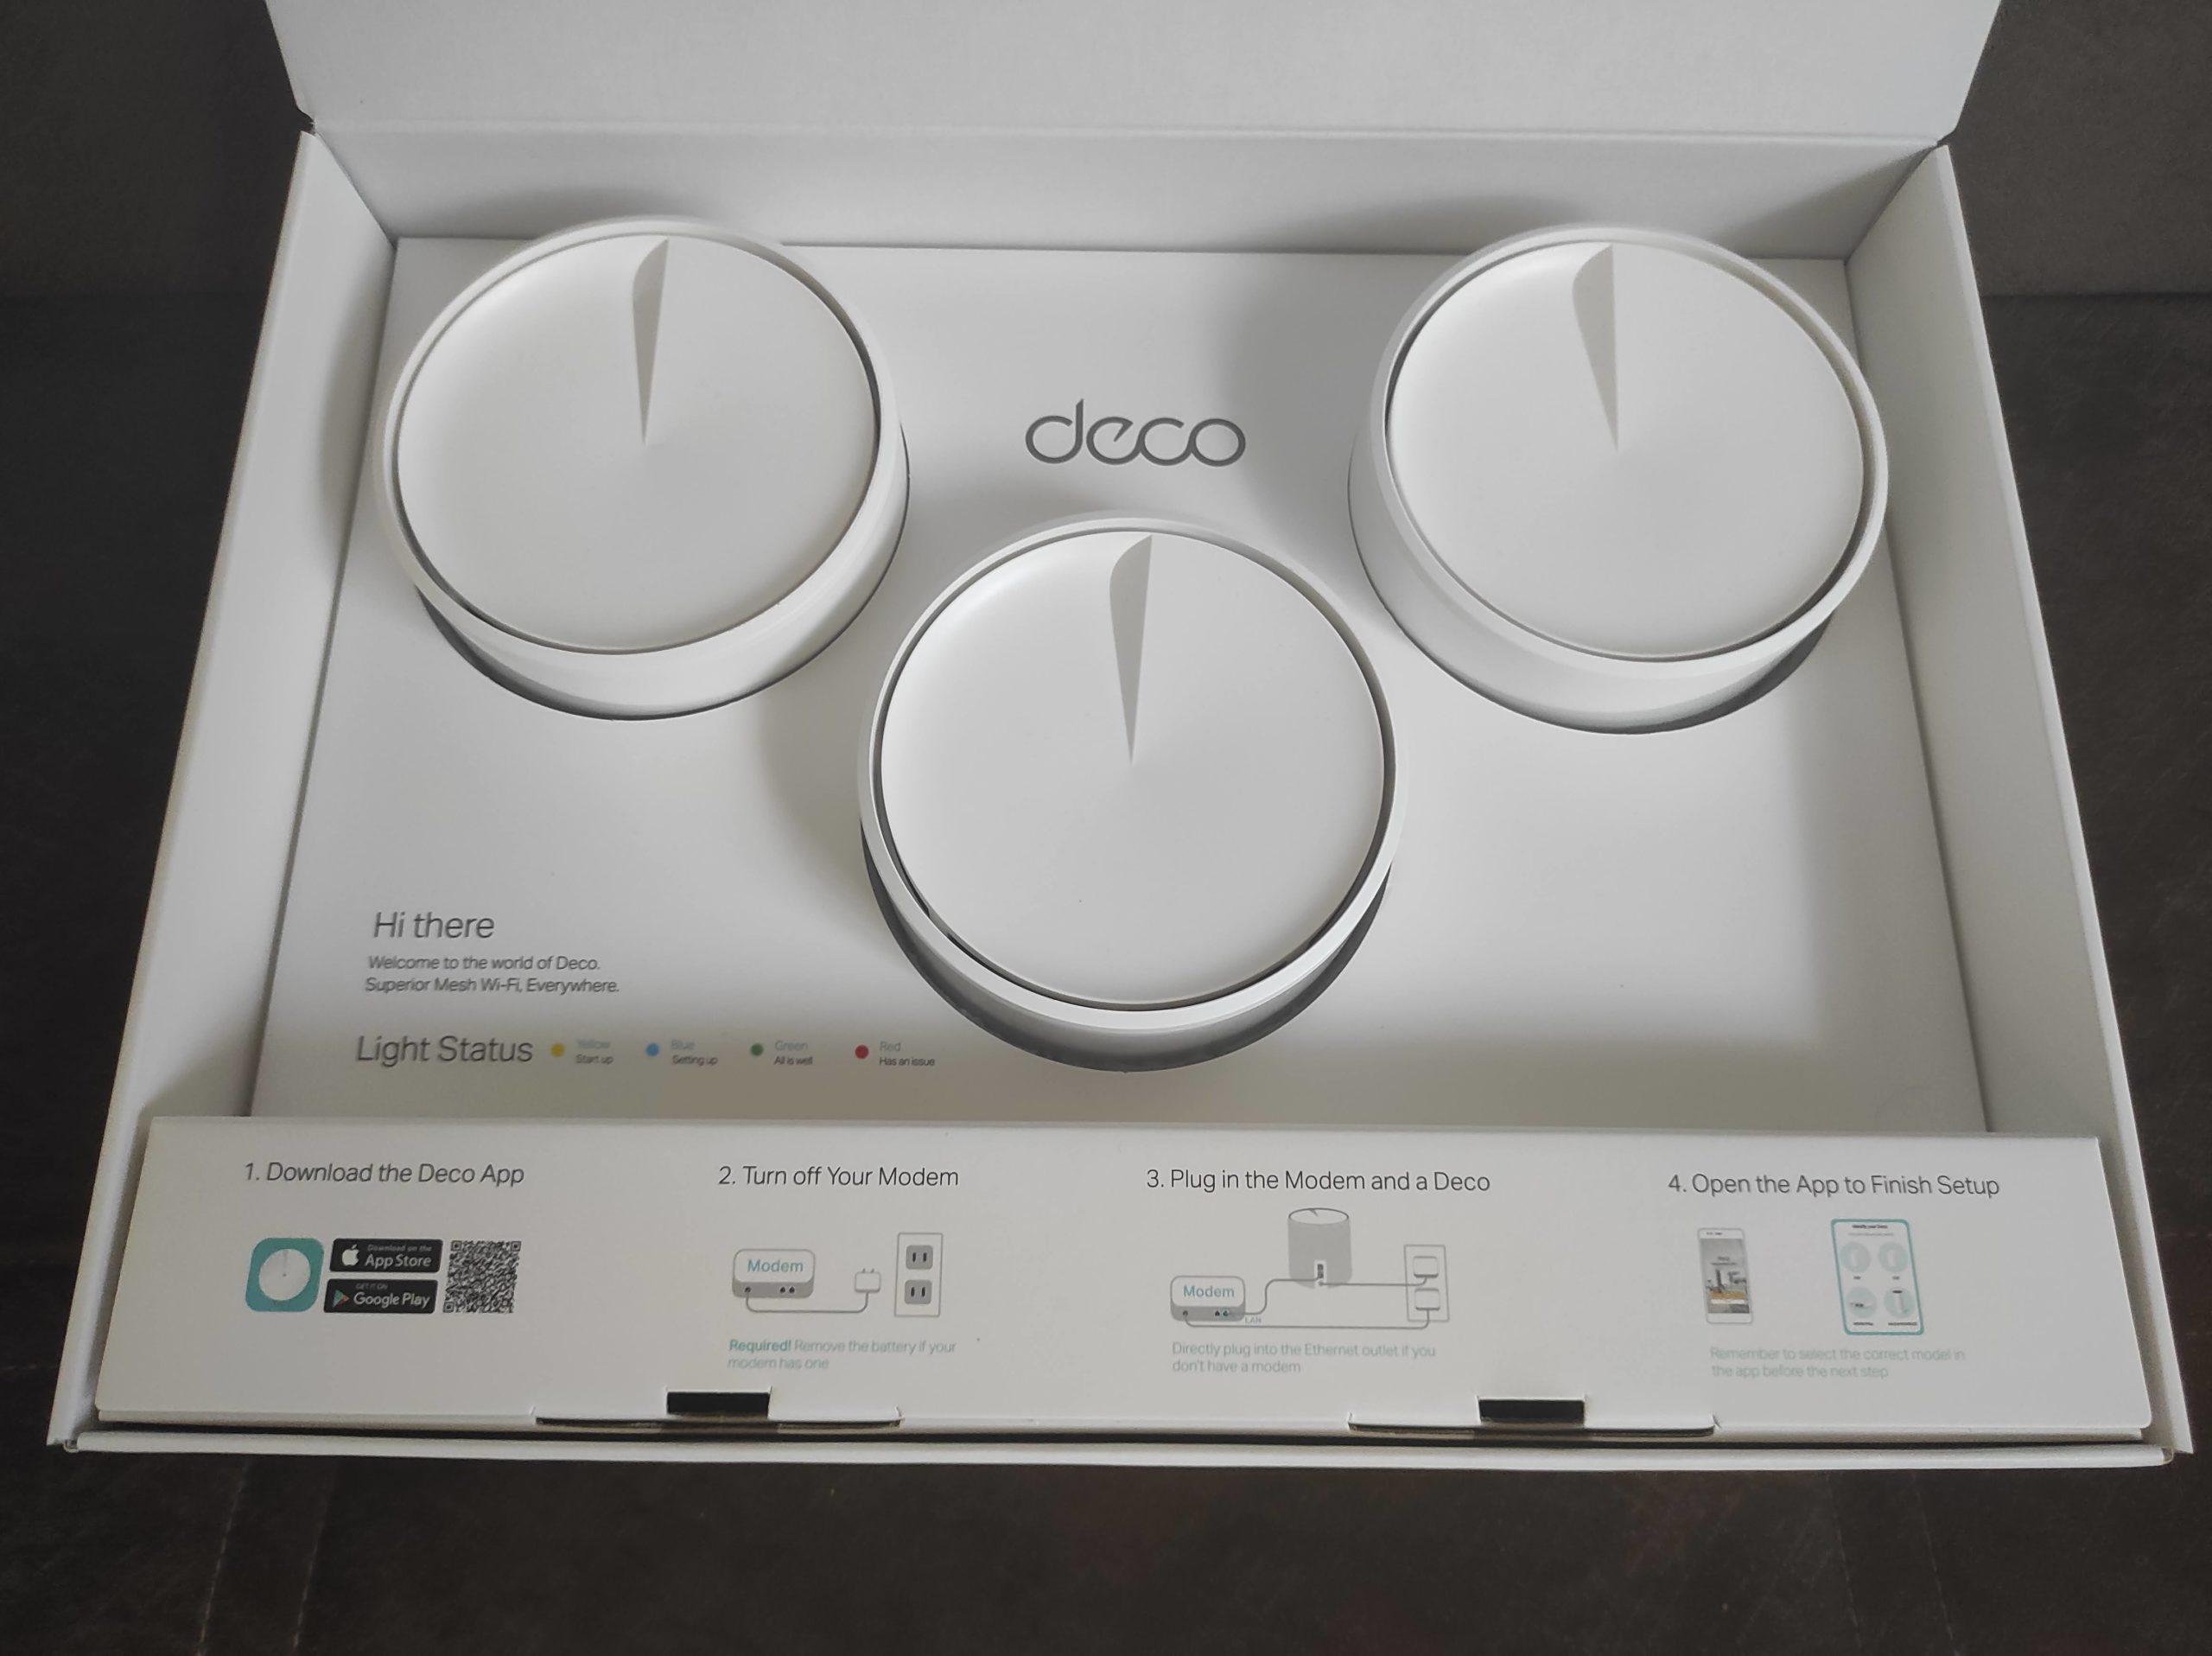 Deco X20 Коробка внутри